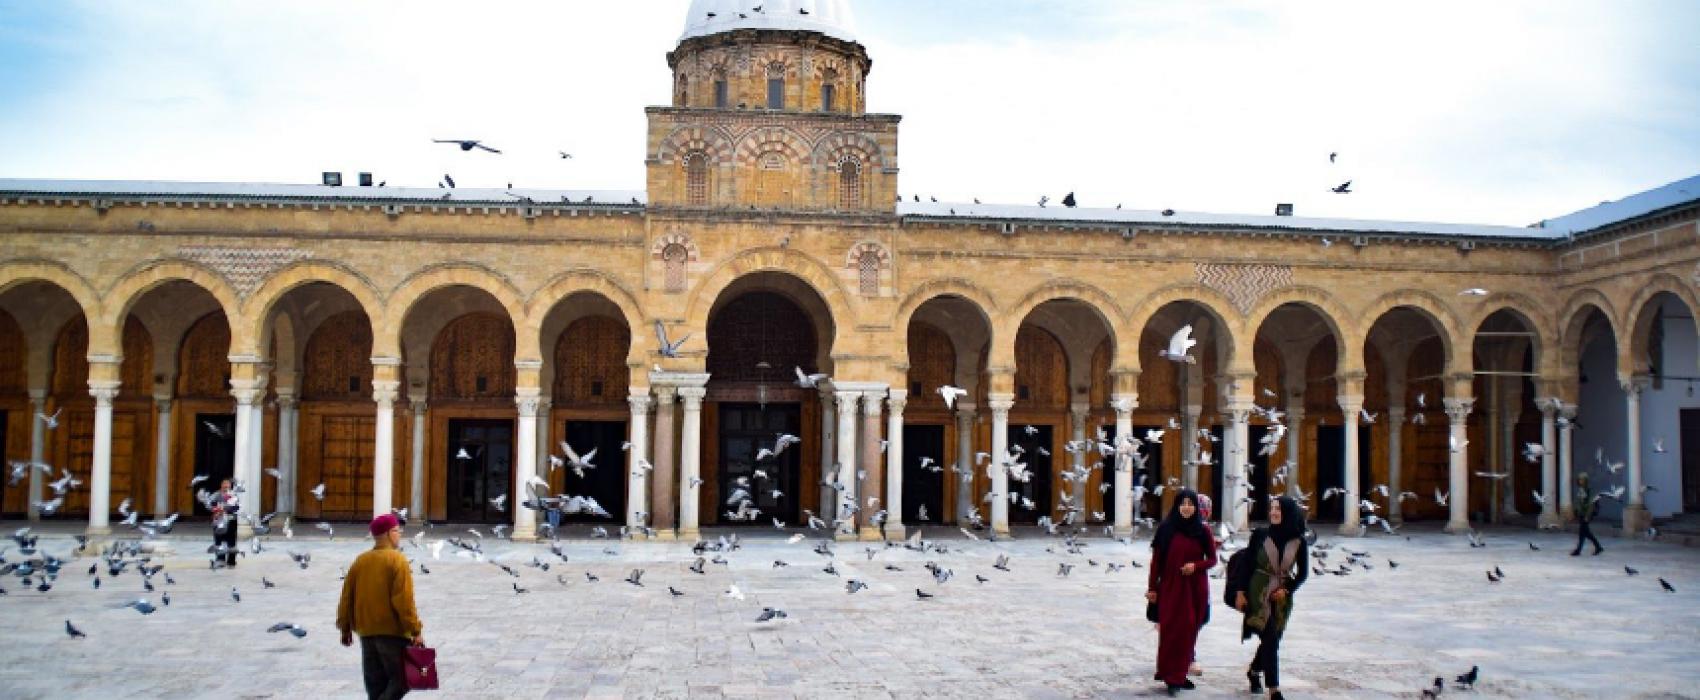 Mosquée Zitouna en Tunisie